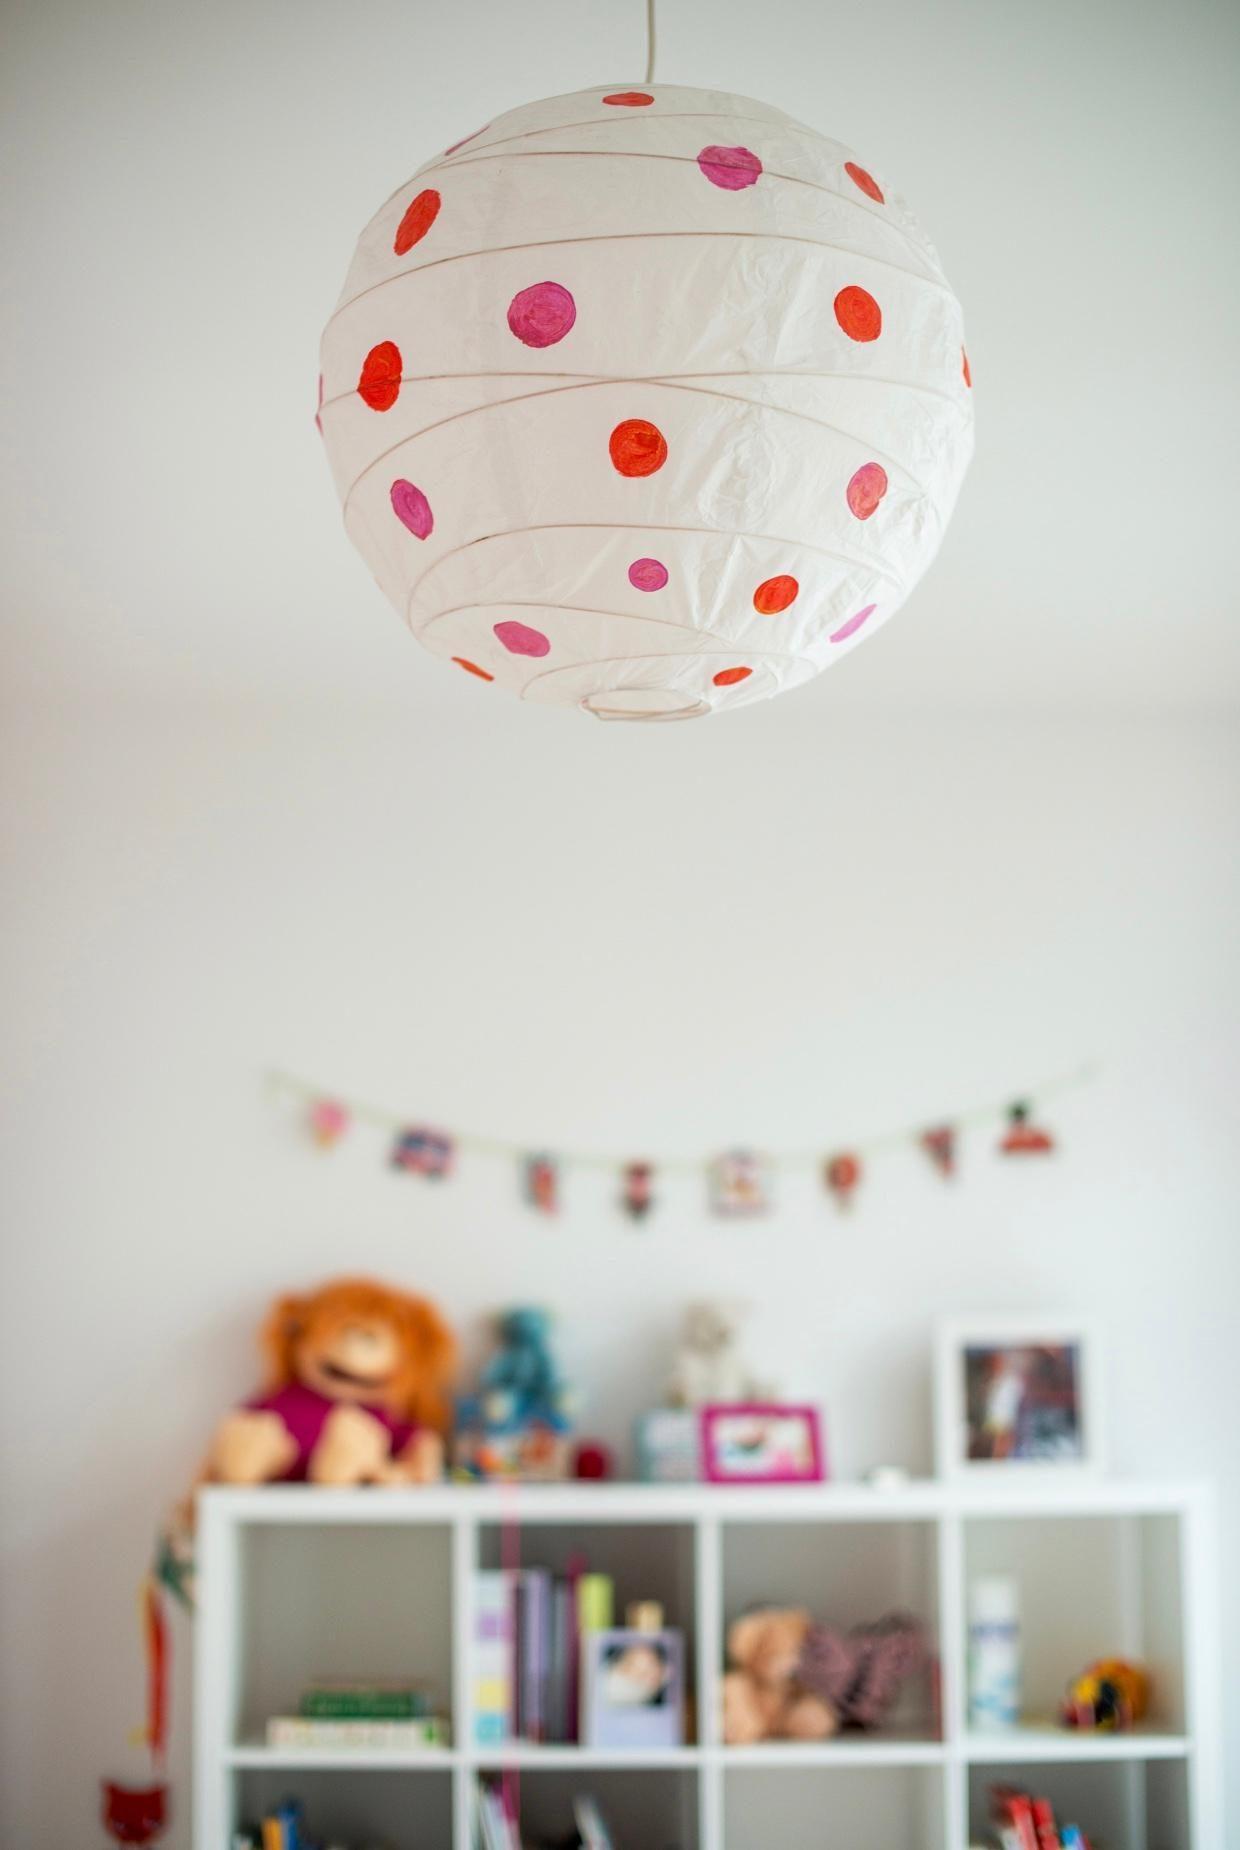 Full Size of Lampen Für Kinderzimmer Happy Dots Lampe Diy Mdchenzimm Folie Fenster Boden Badezimmer Stehlampen Wohnzimmer Sofa Esstisch Led Deckenlampen Sichtschutzfolien Kinderzimmer Lampen Für Kinderzimmer